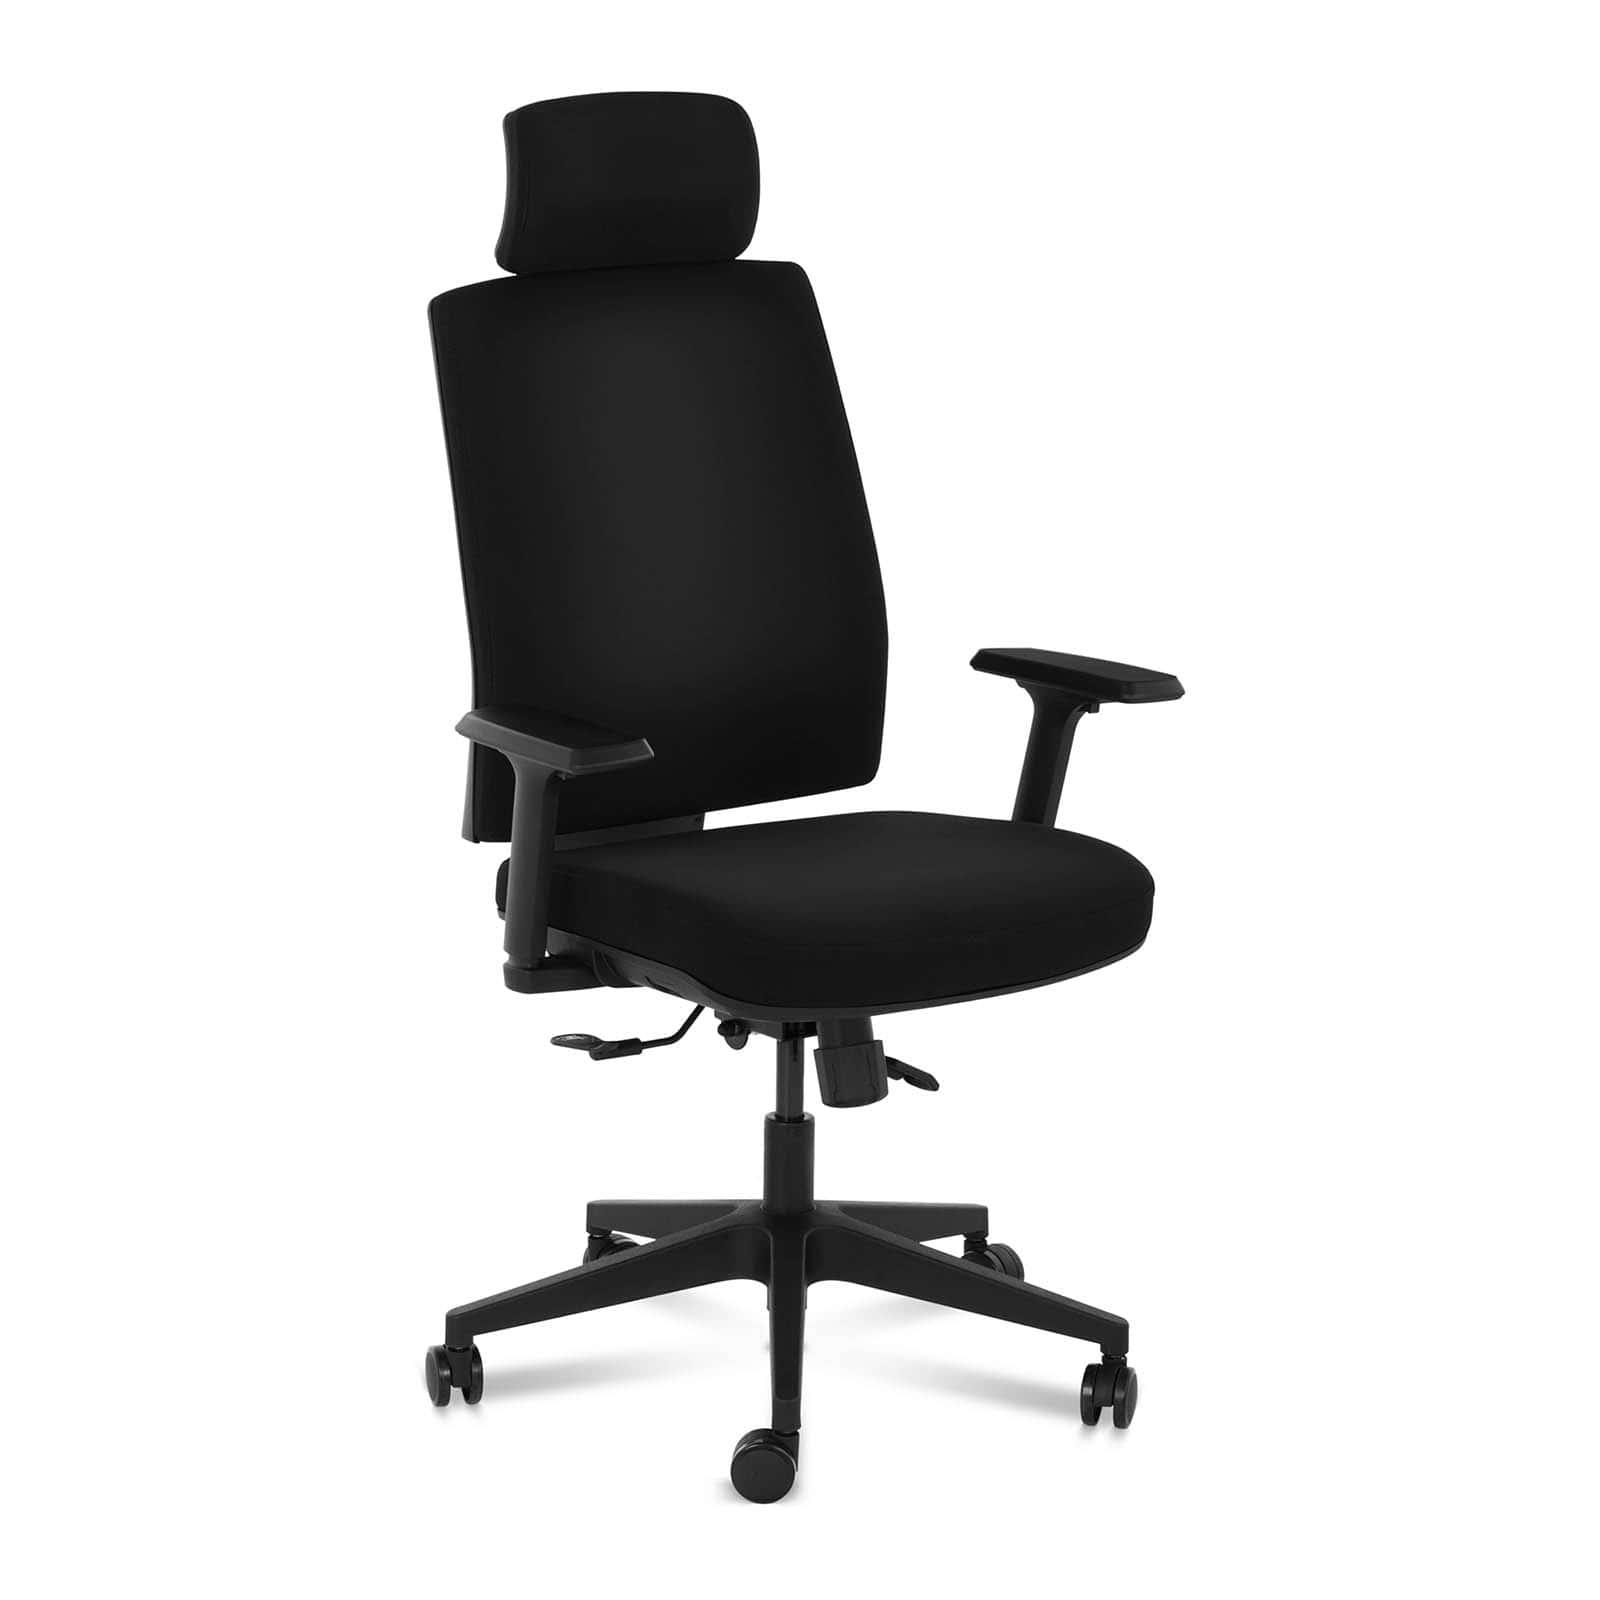 Chaises de bureau ergonomiques